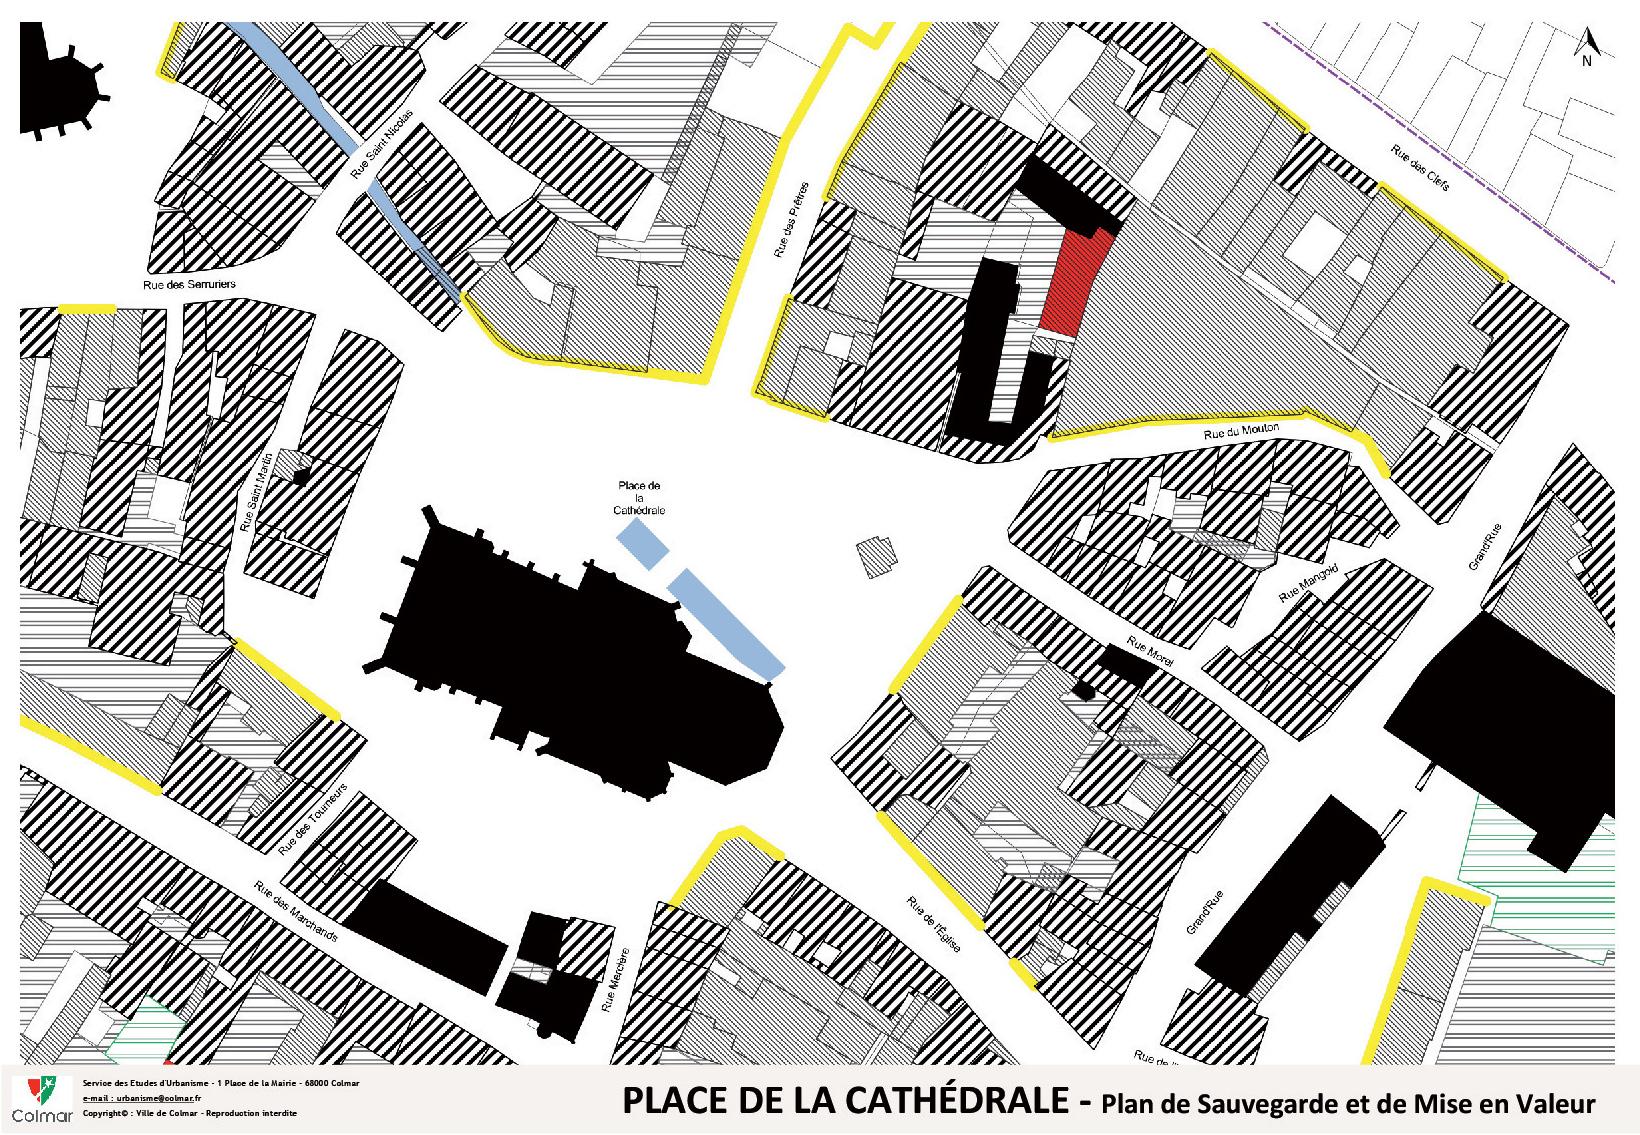 Place de la Cathédrale - Plan de sauvegarde et de mise en valeur